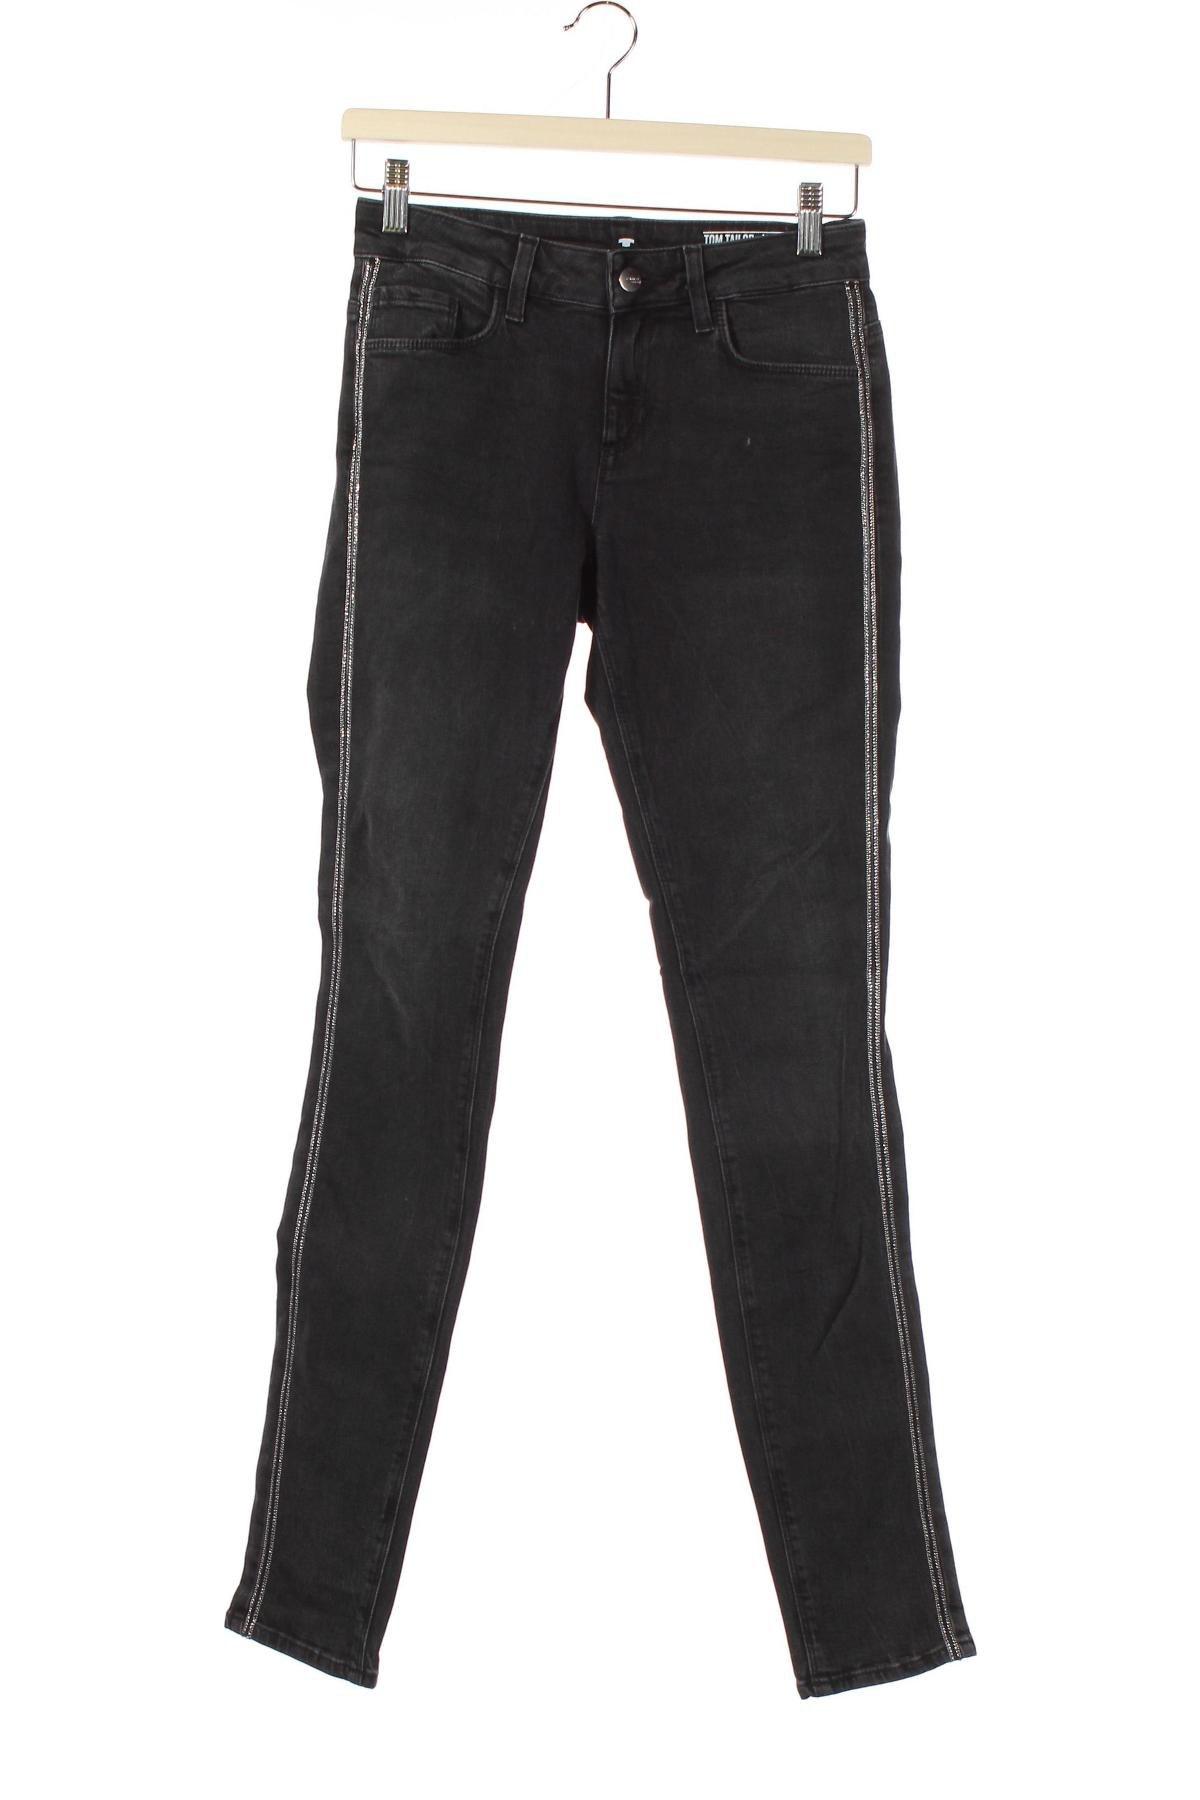 Дамски дънки Tom Tailor, Размер XS, Цвят Черен, 98% памук, 2% еластан, Цена 25,20лв.